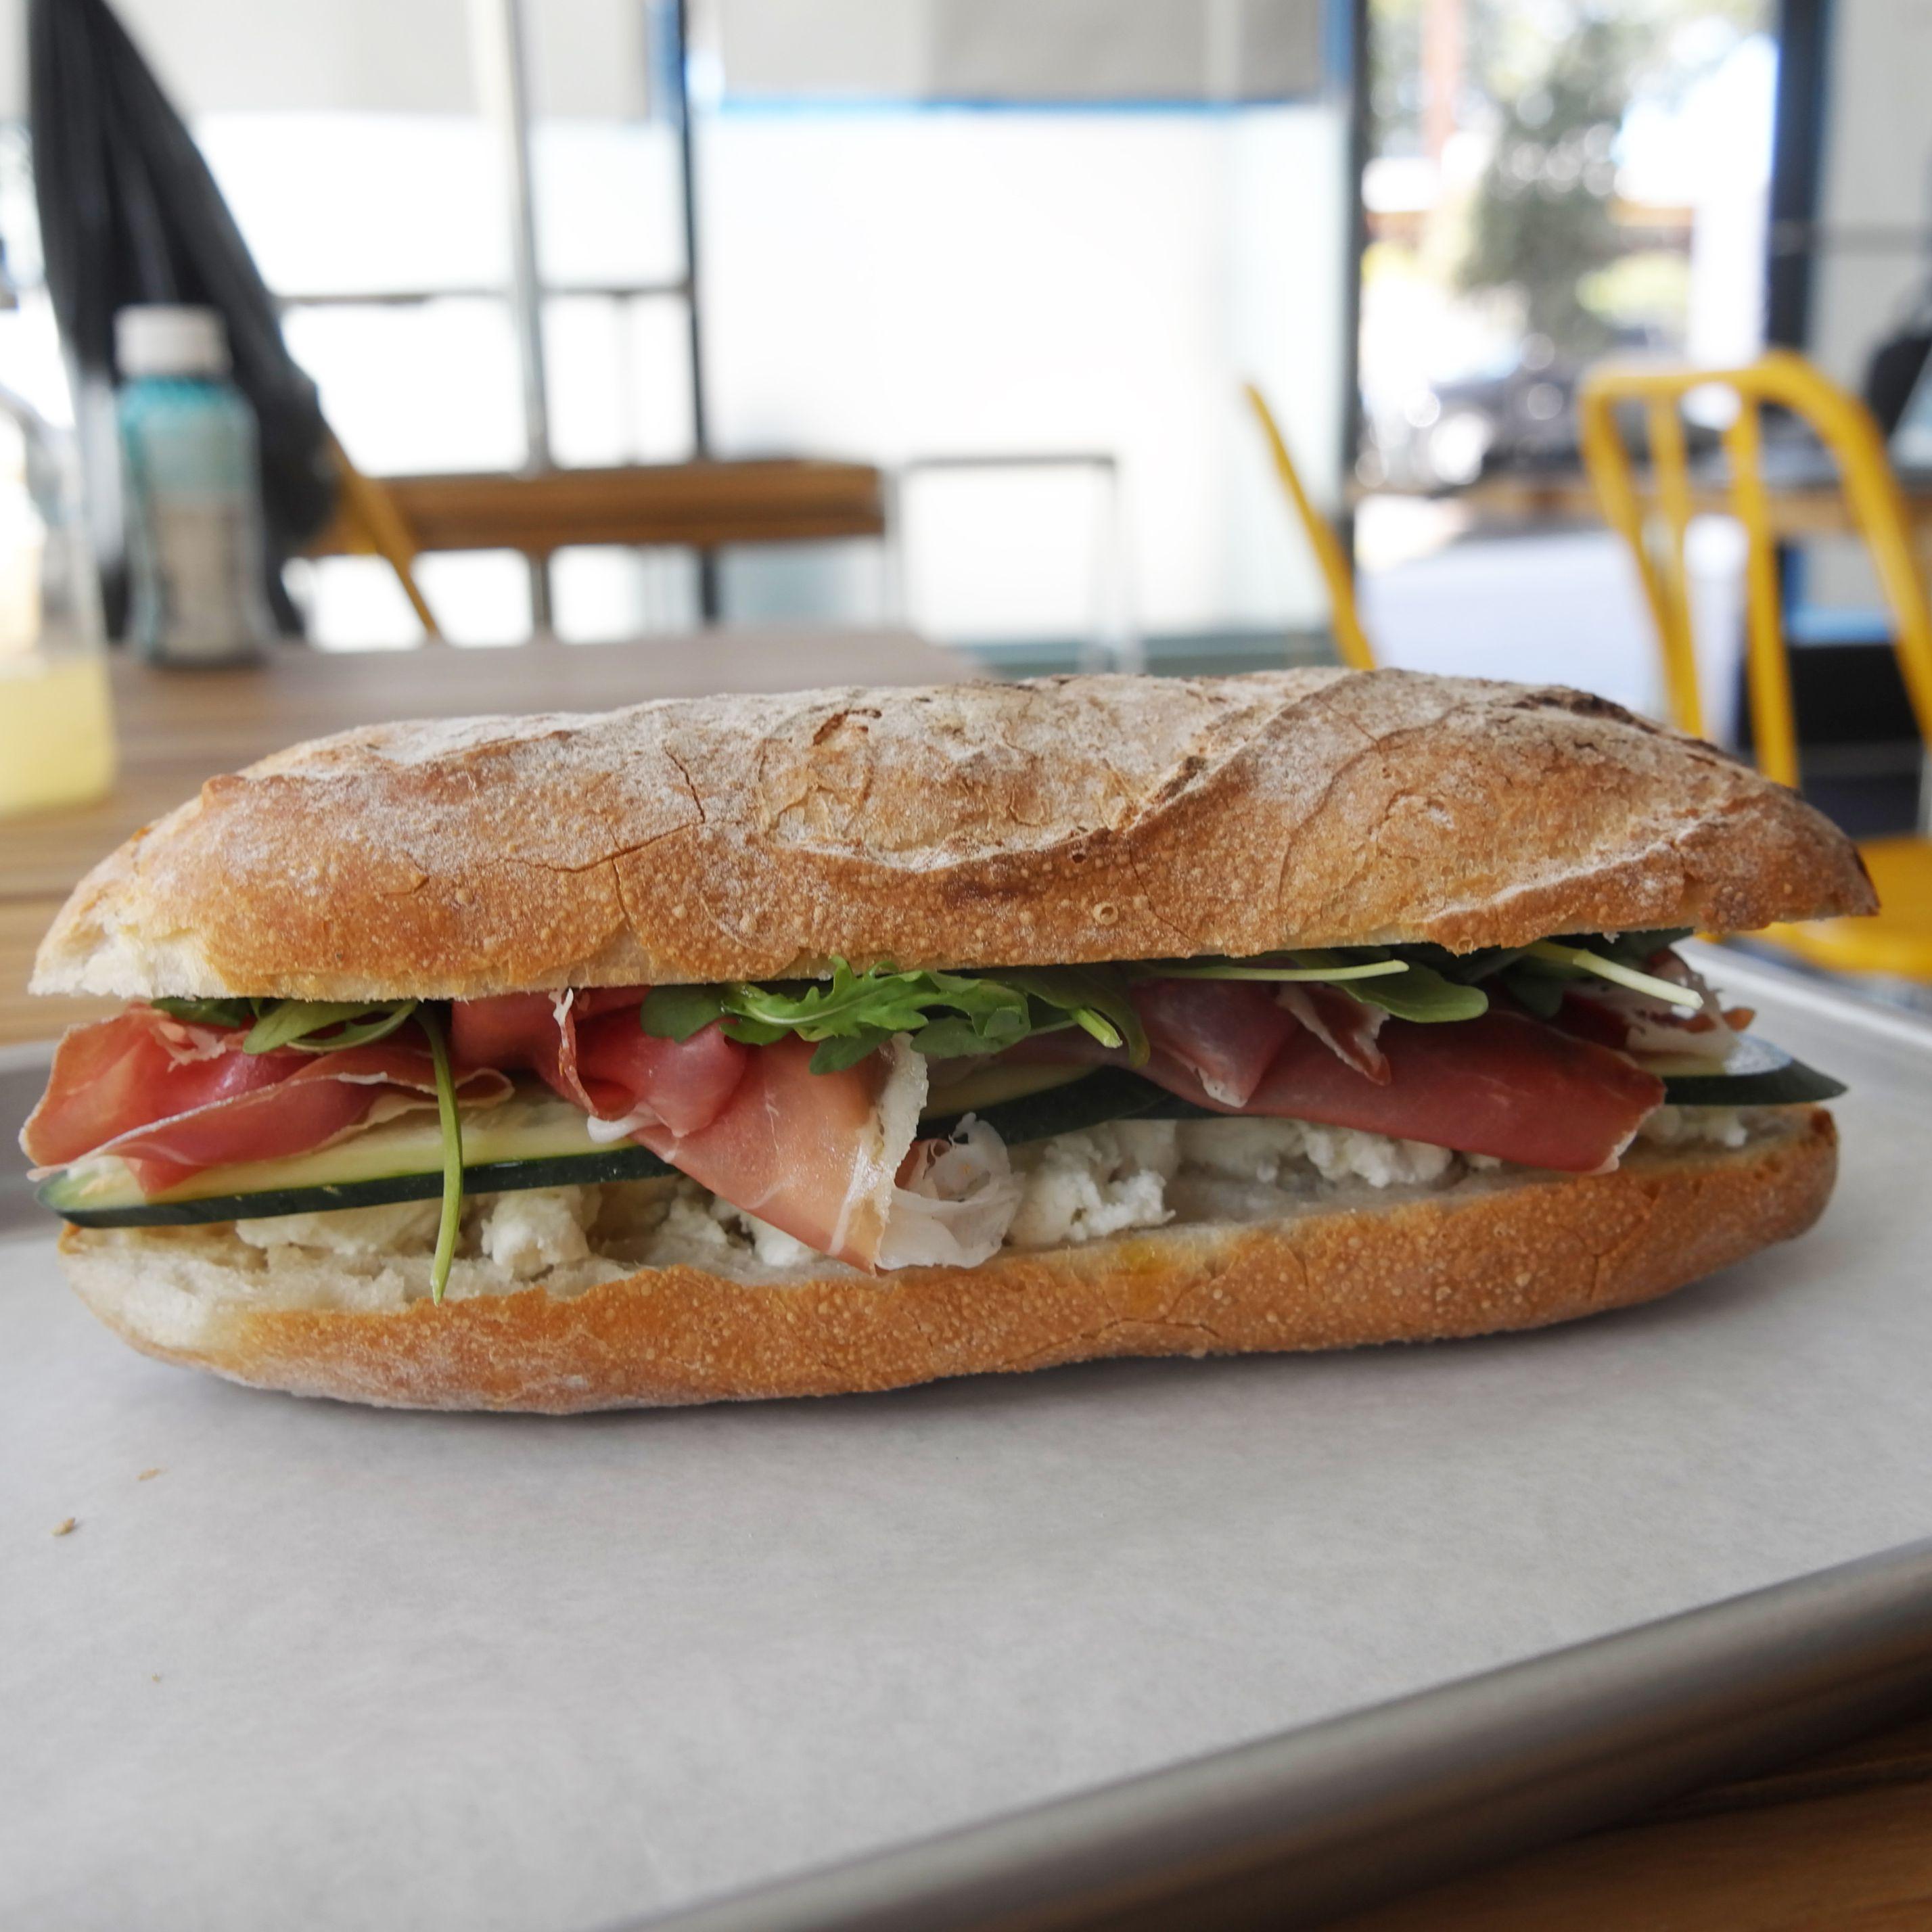 The Best Sandwiches in Austin